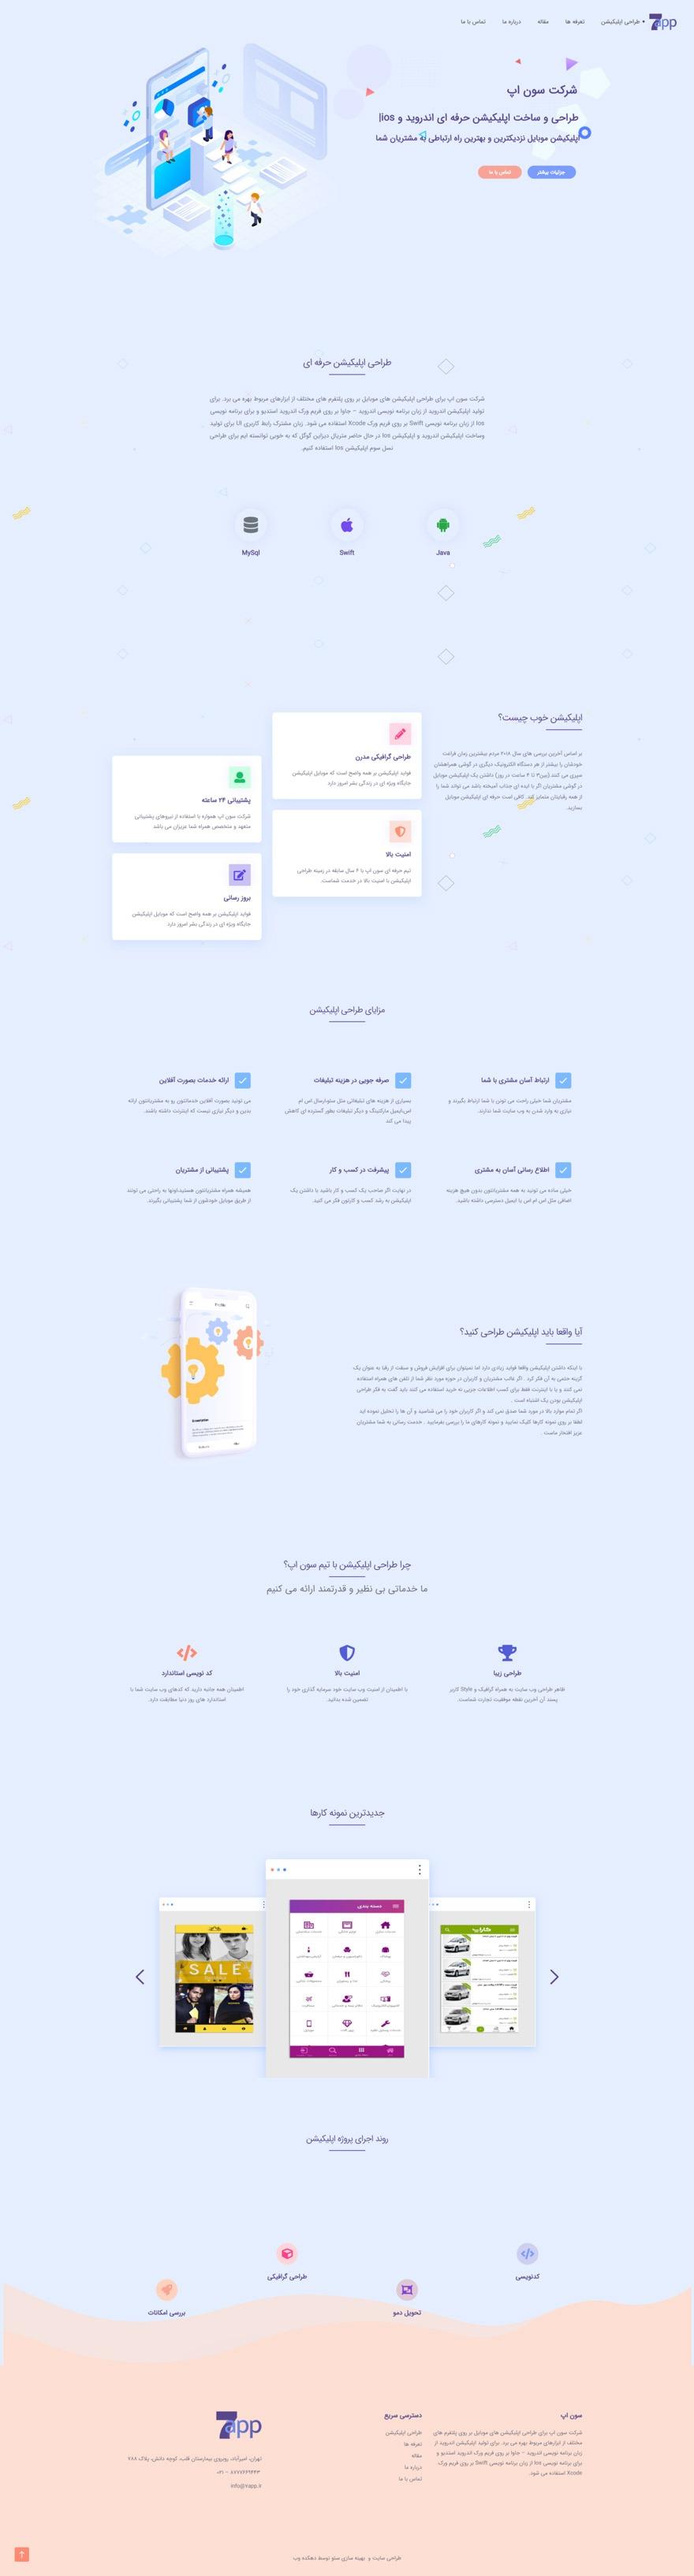 طراحی سایت شرکتی سون اپ